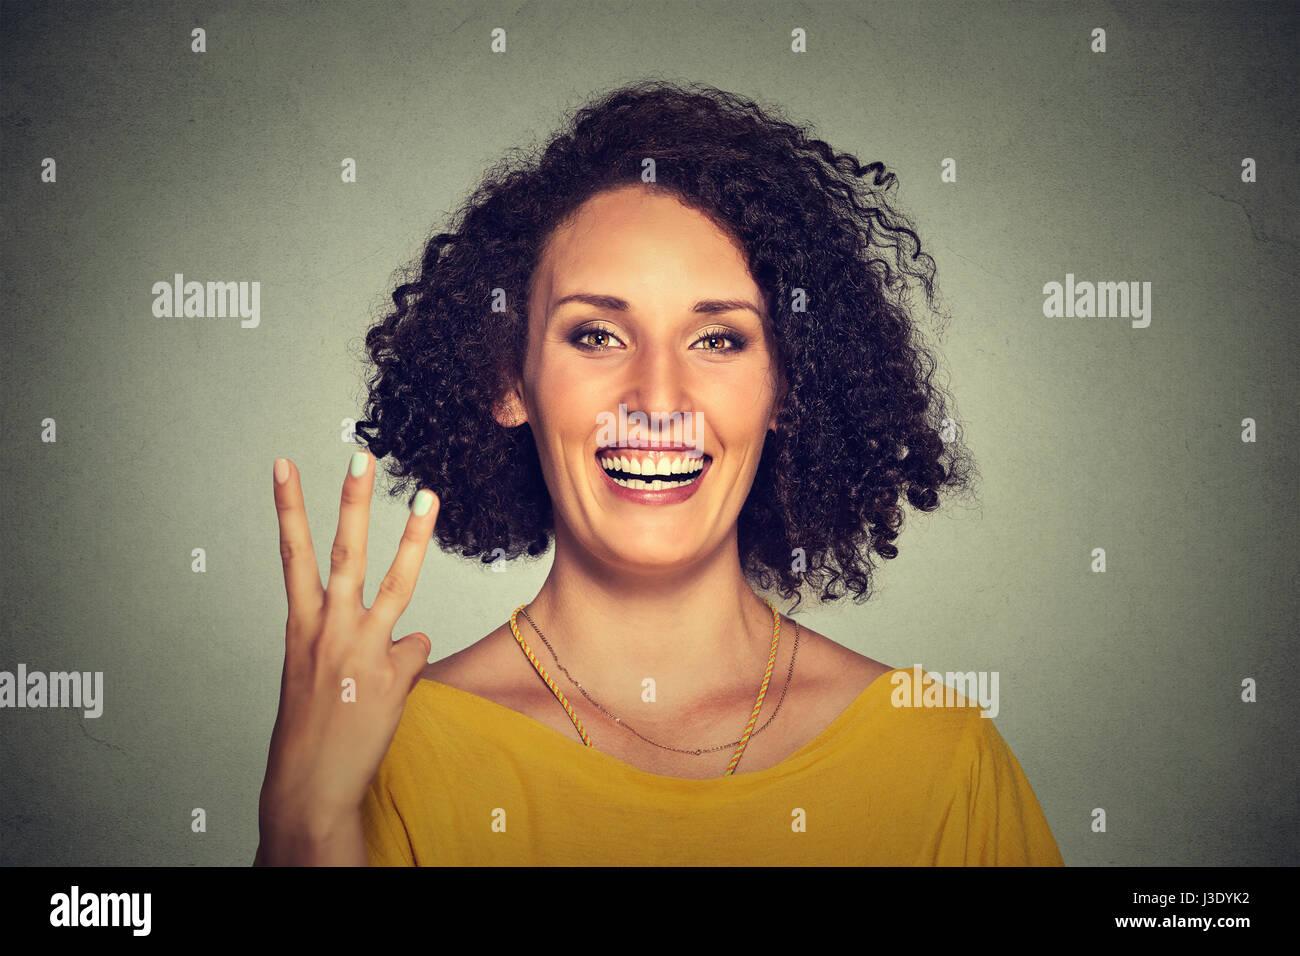 Closeup portrait of young Pretty woman giving a trois doigts geste signe avec la main isolé sur fond de mur Photo Stock